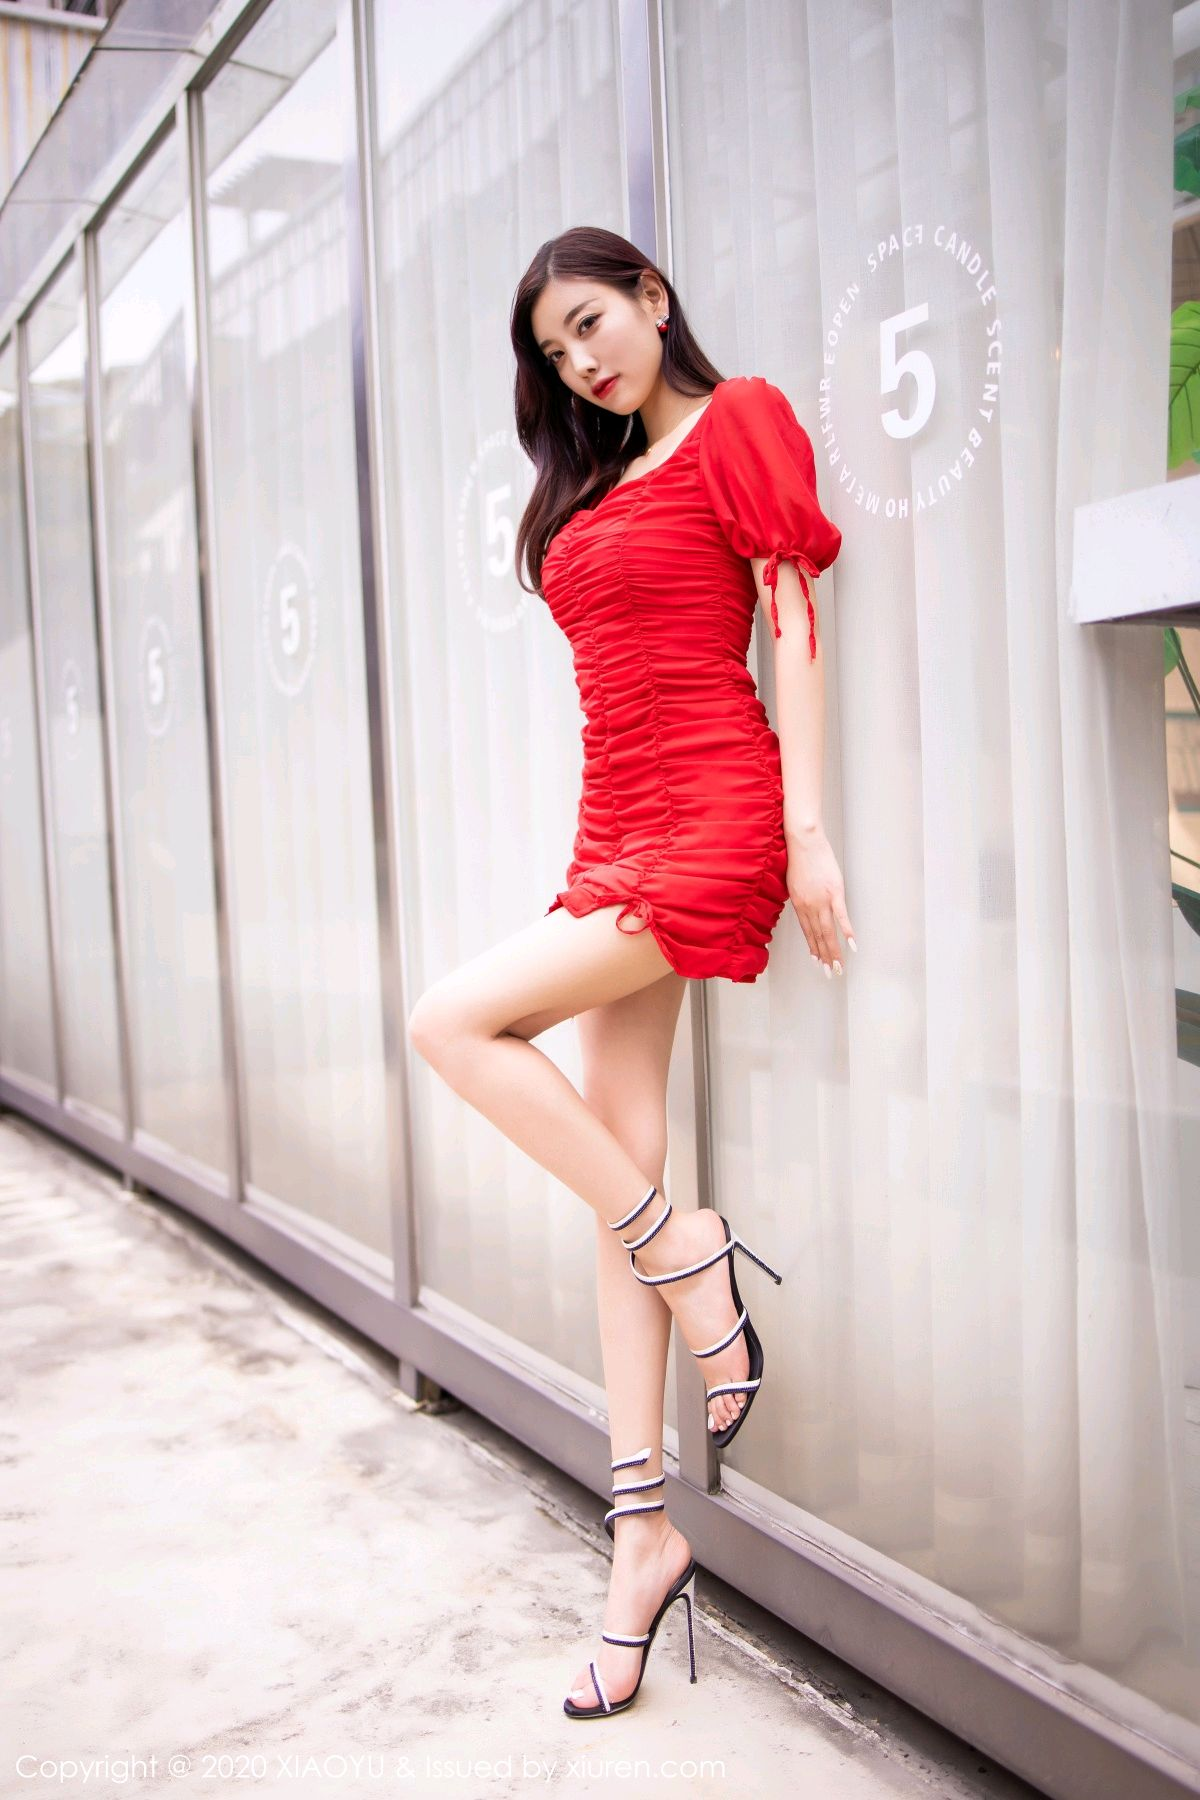 [XiaoYu] Vol.326 Yang Chen Chen 59P, Tall, XiaoYu, Yang Chen Chen